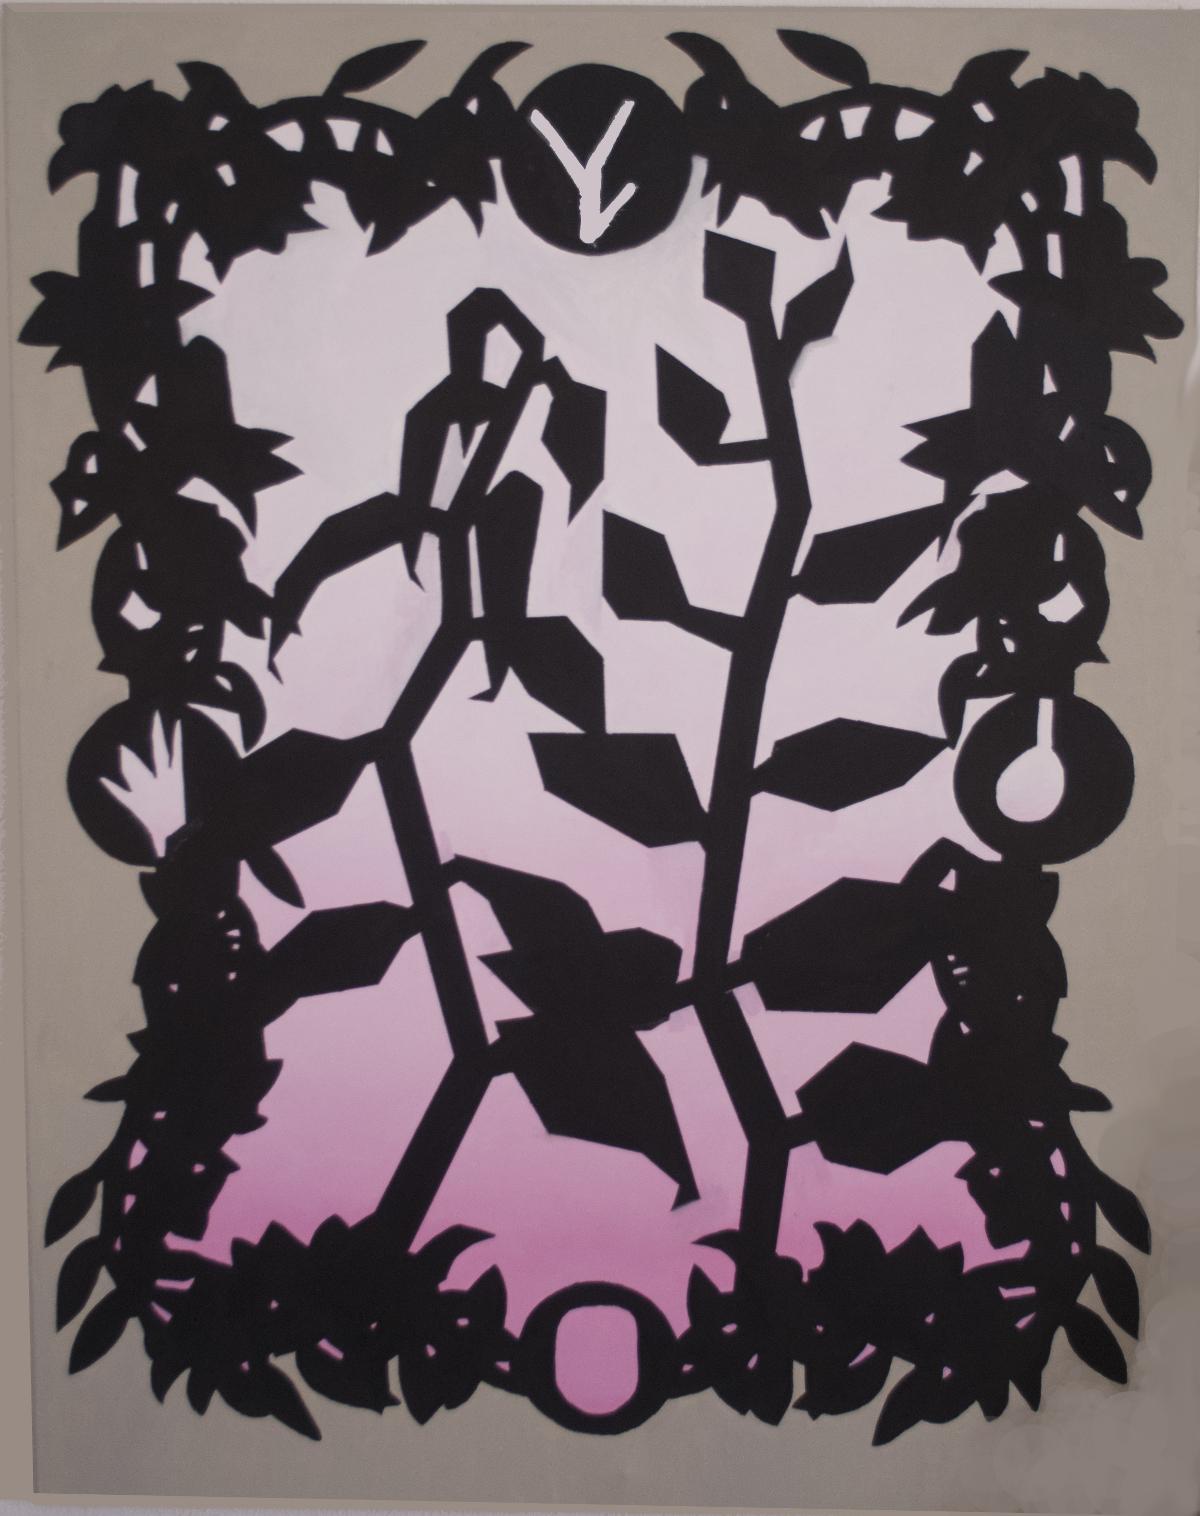 AiR-Leslie-Kamps-kunstenaar-zonnebloemen